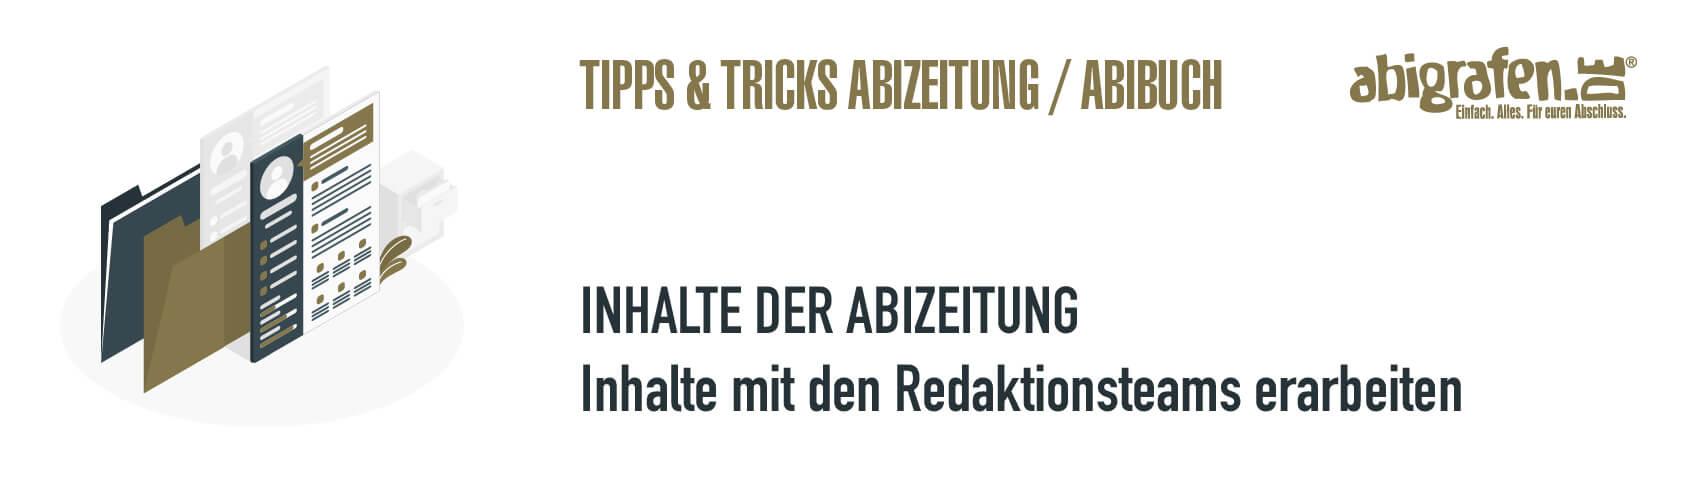 abigrafen-abizeitung-tipps-und-tricks-inhalte-redaktionsteams